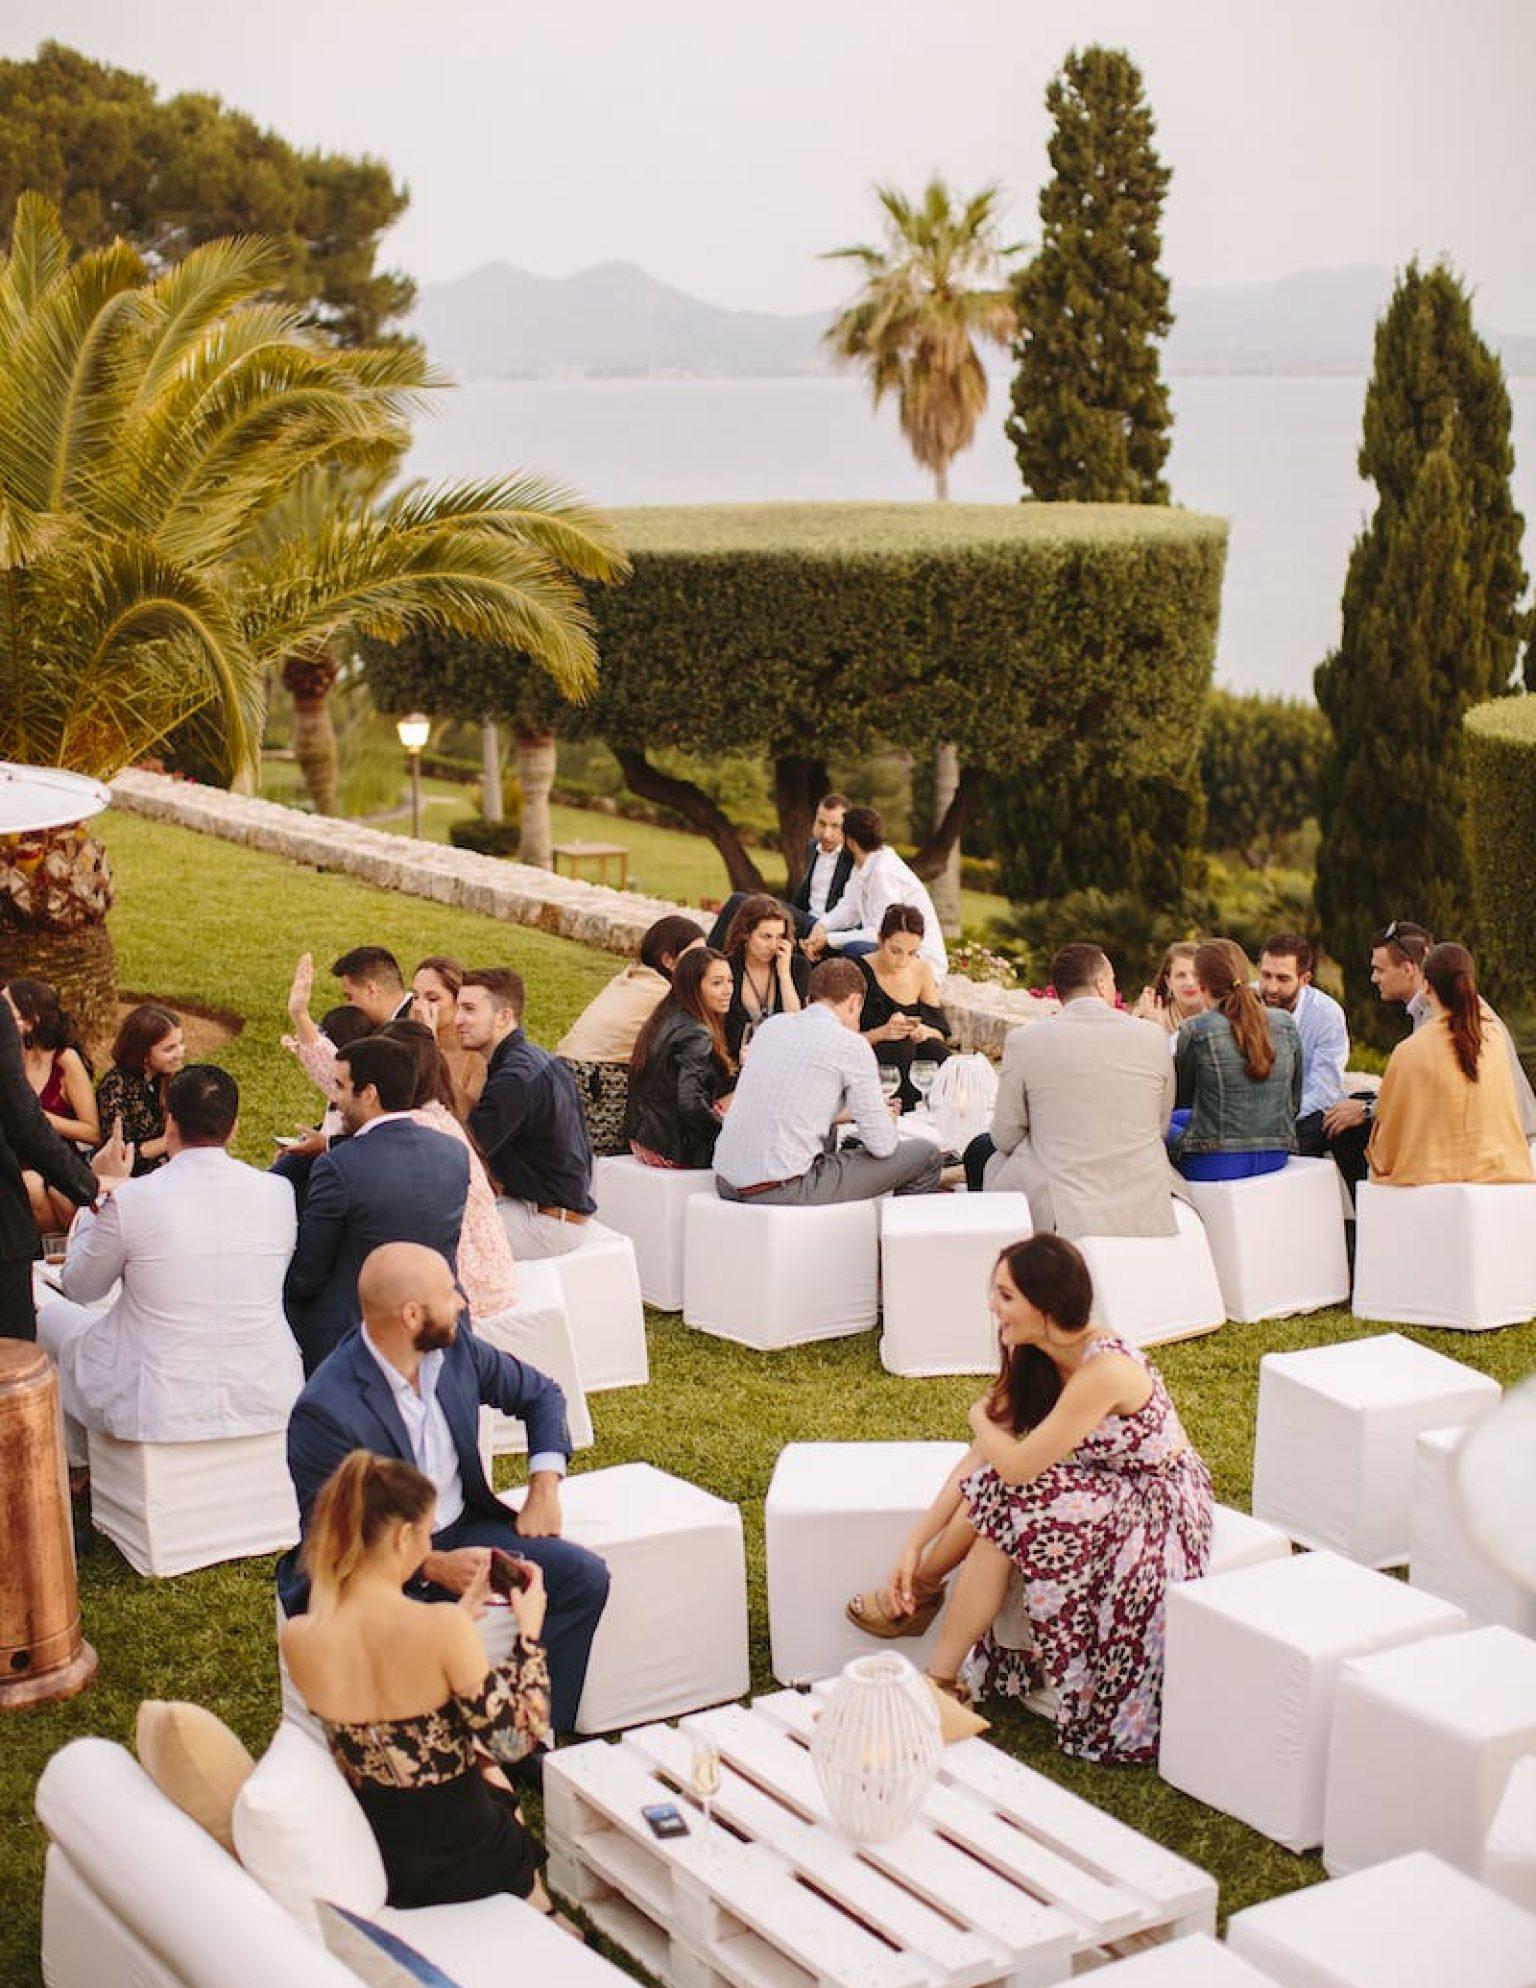 organizar mi boda en un lugar con vistas al mar en la fortaleza de pollensa Mallorca